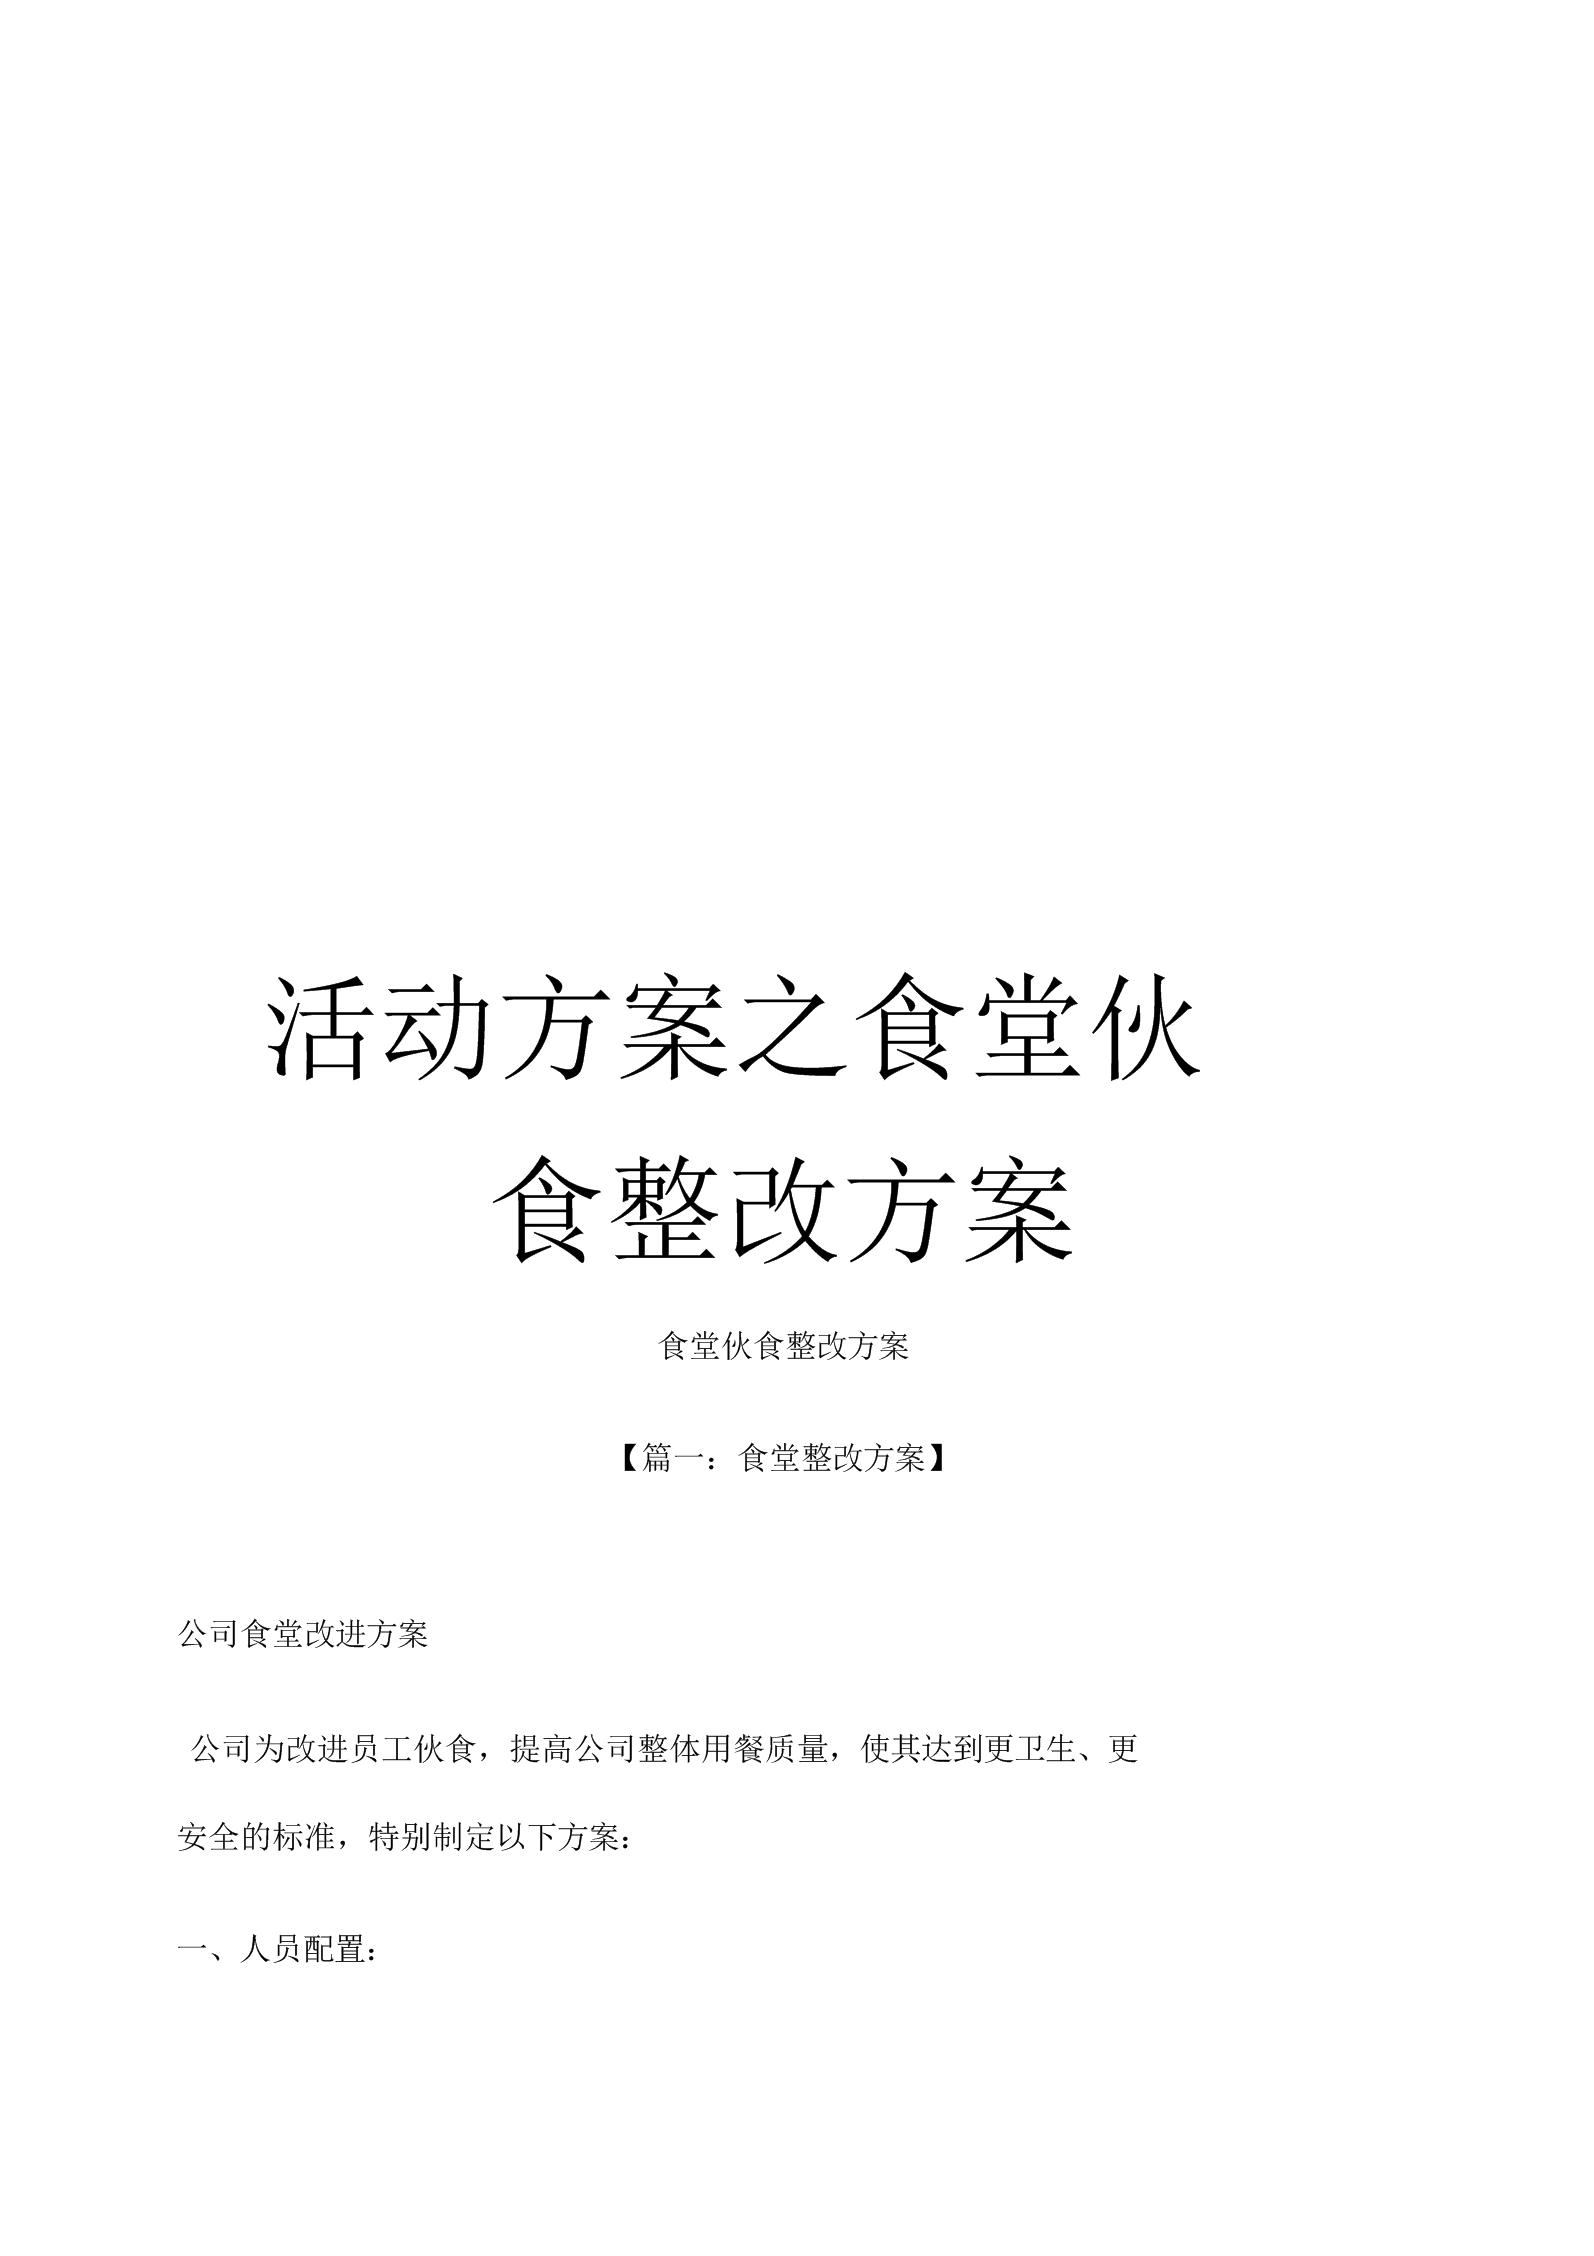 《活动方案之食堂伙食整改方案》.docx